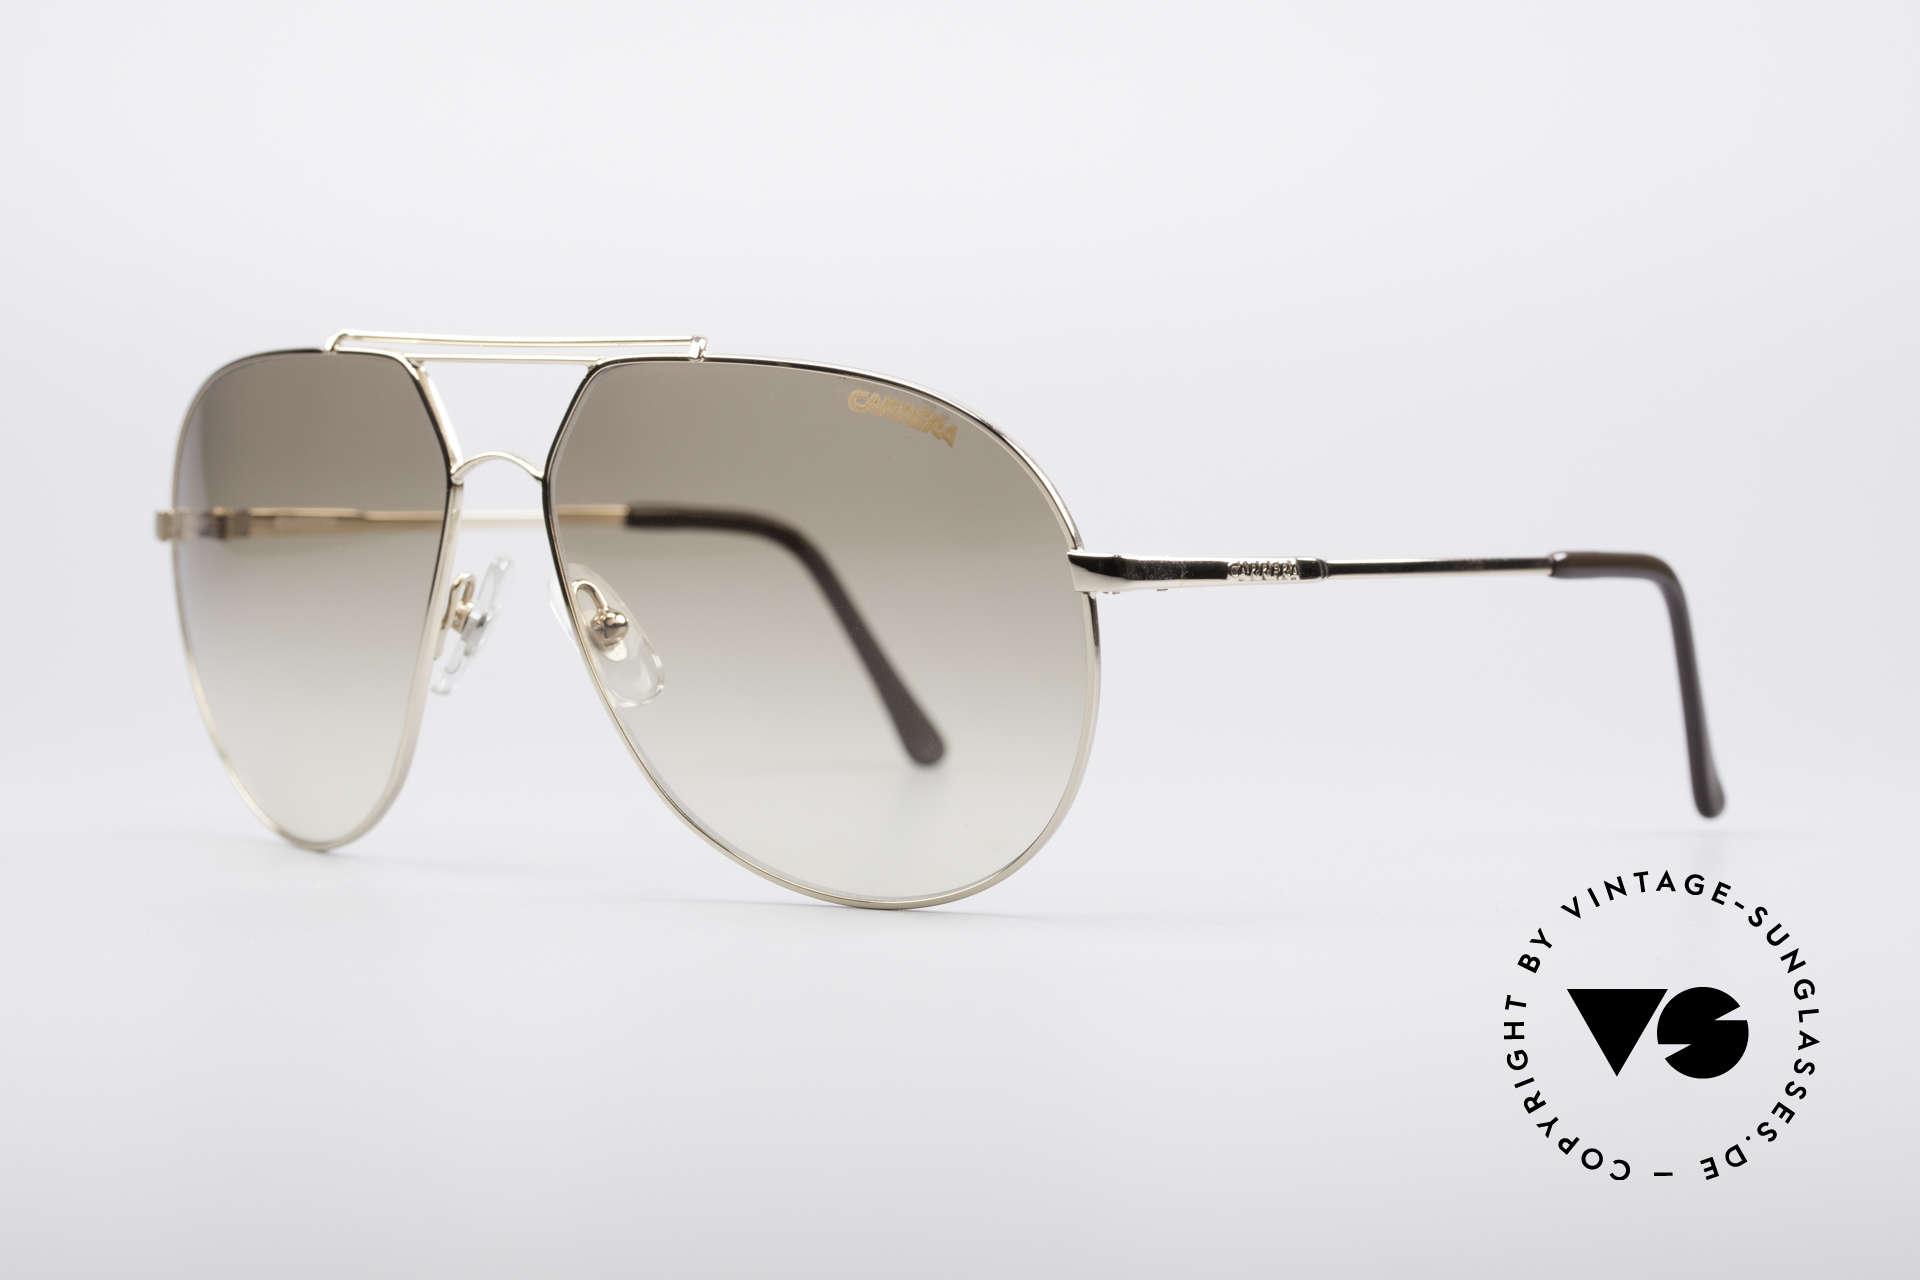 Carrera 5421 90er Piloten Sonnenbrille, mehr 'klassisch' oder 'zeitlos' geht eigentlich nicht, Passend für Herren